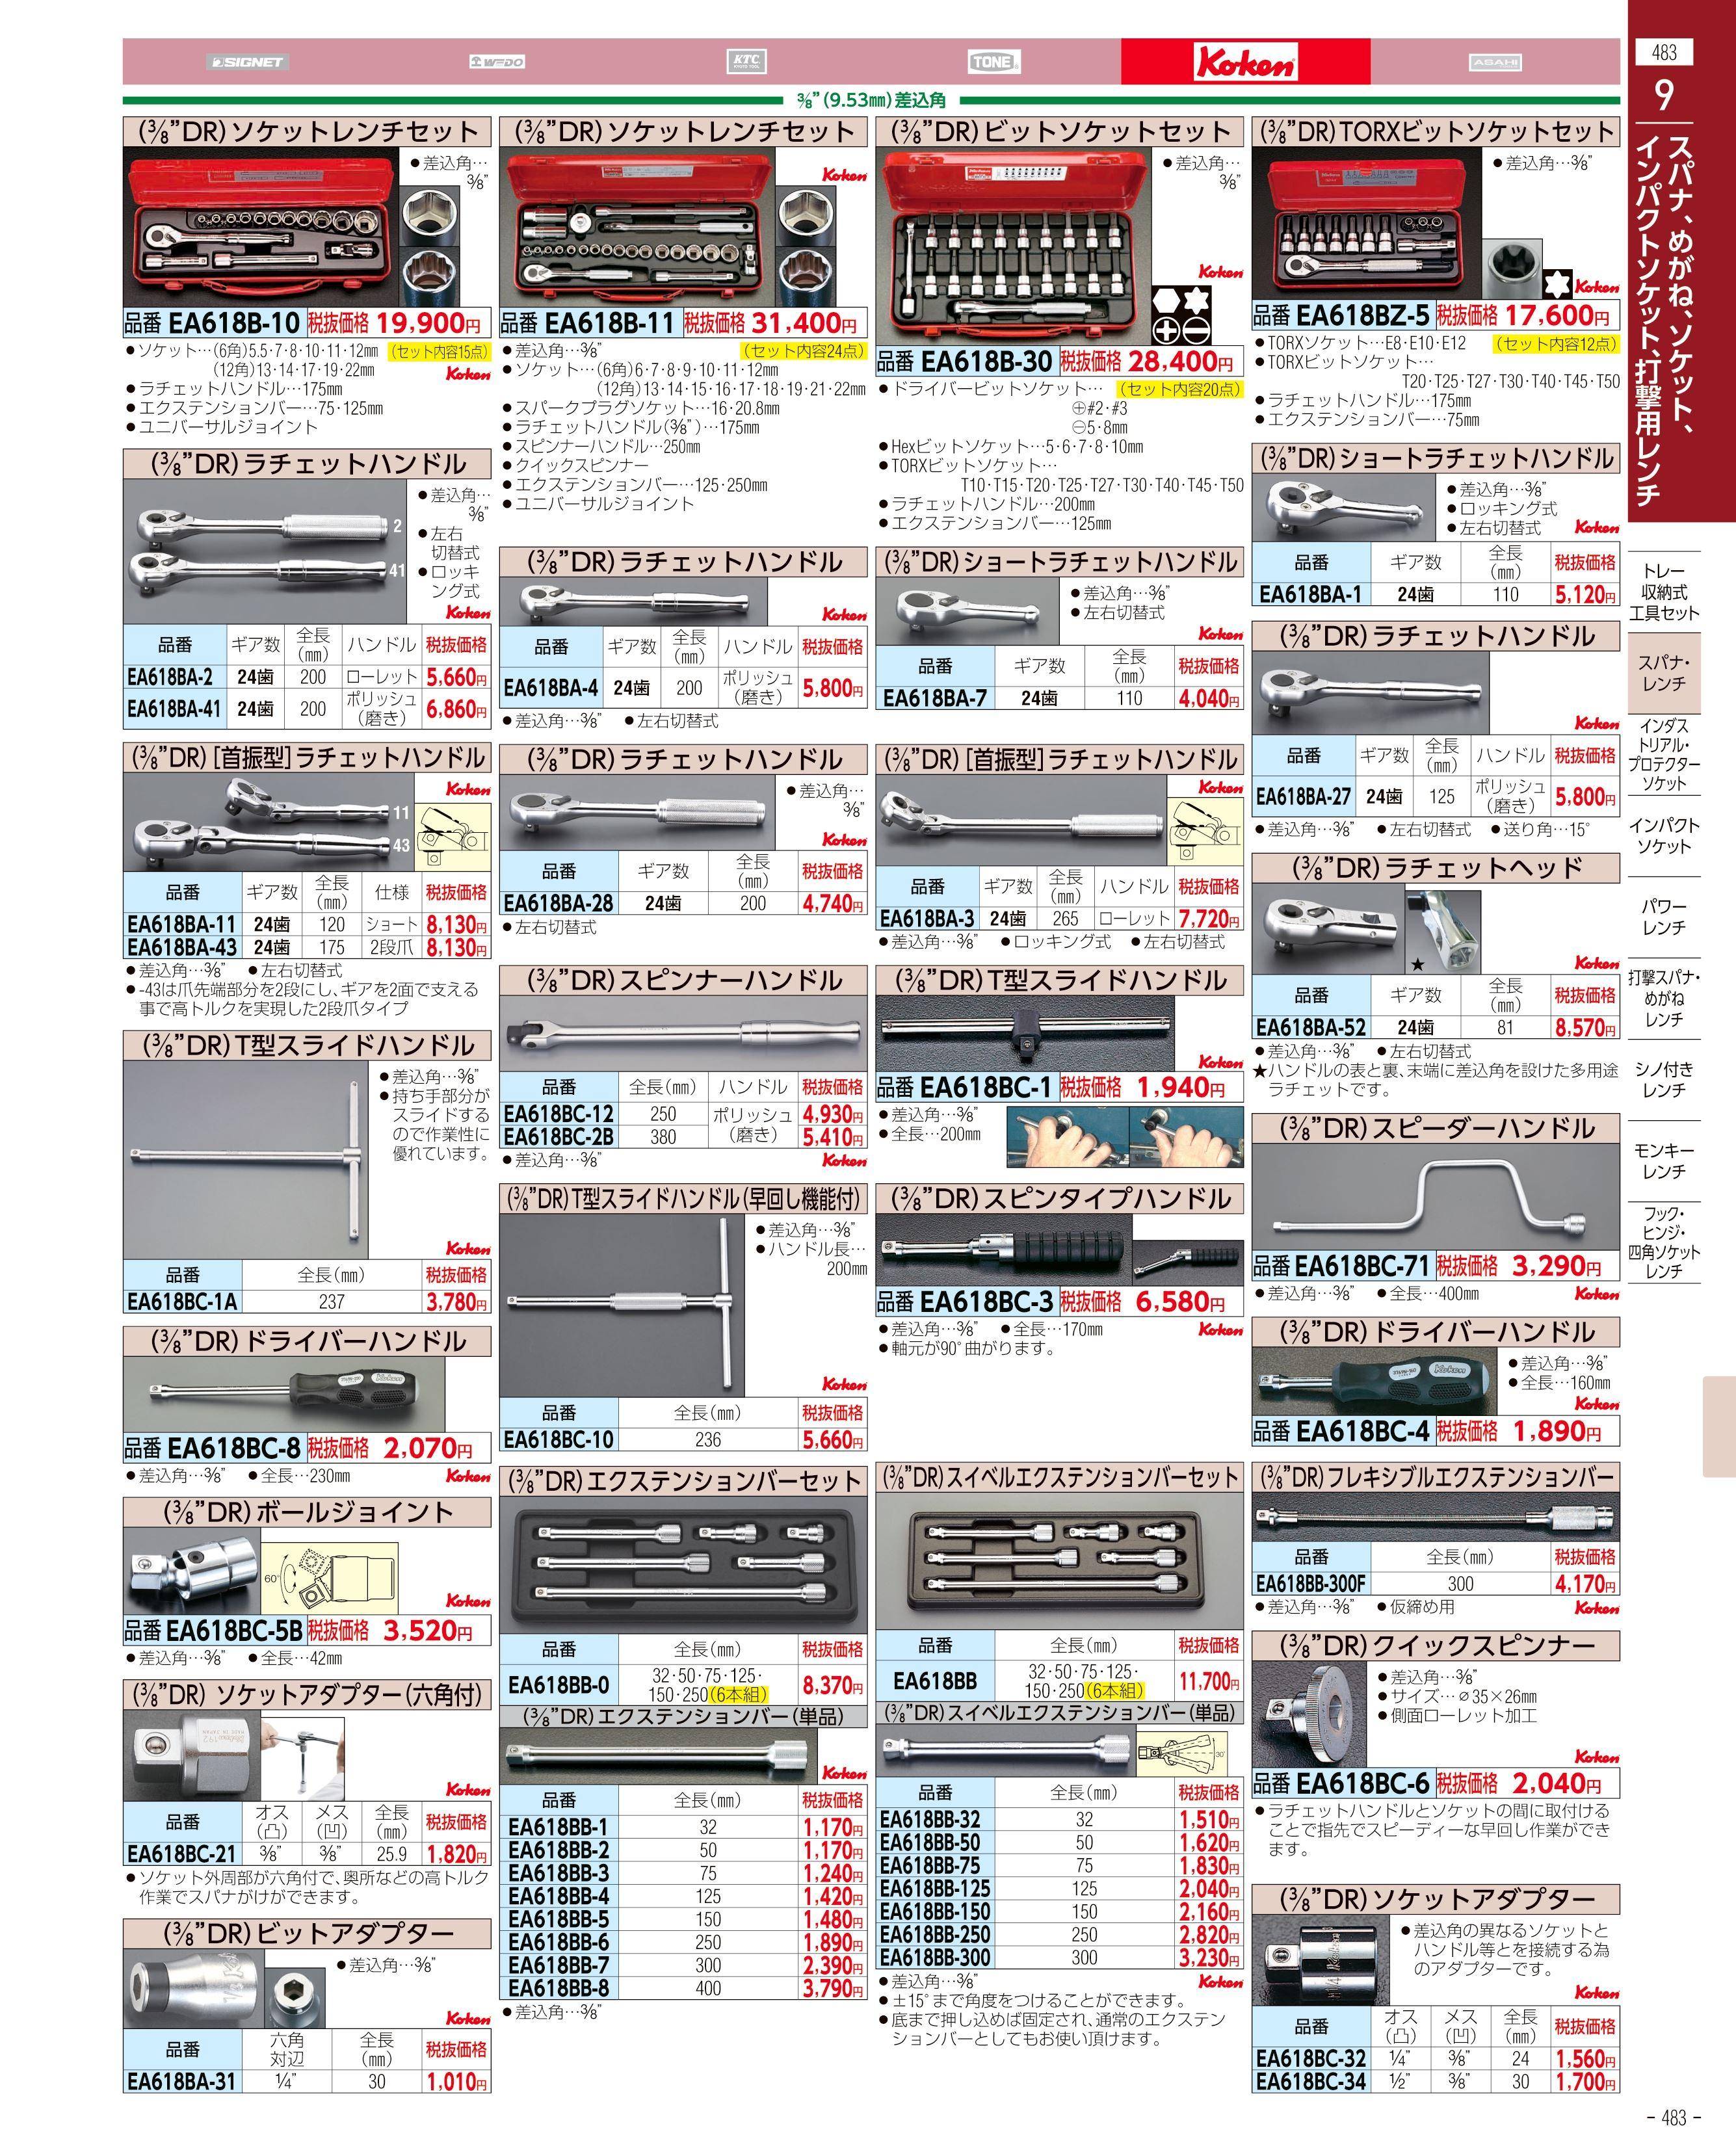 エスコ便利カタログ483ページ